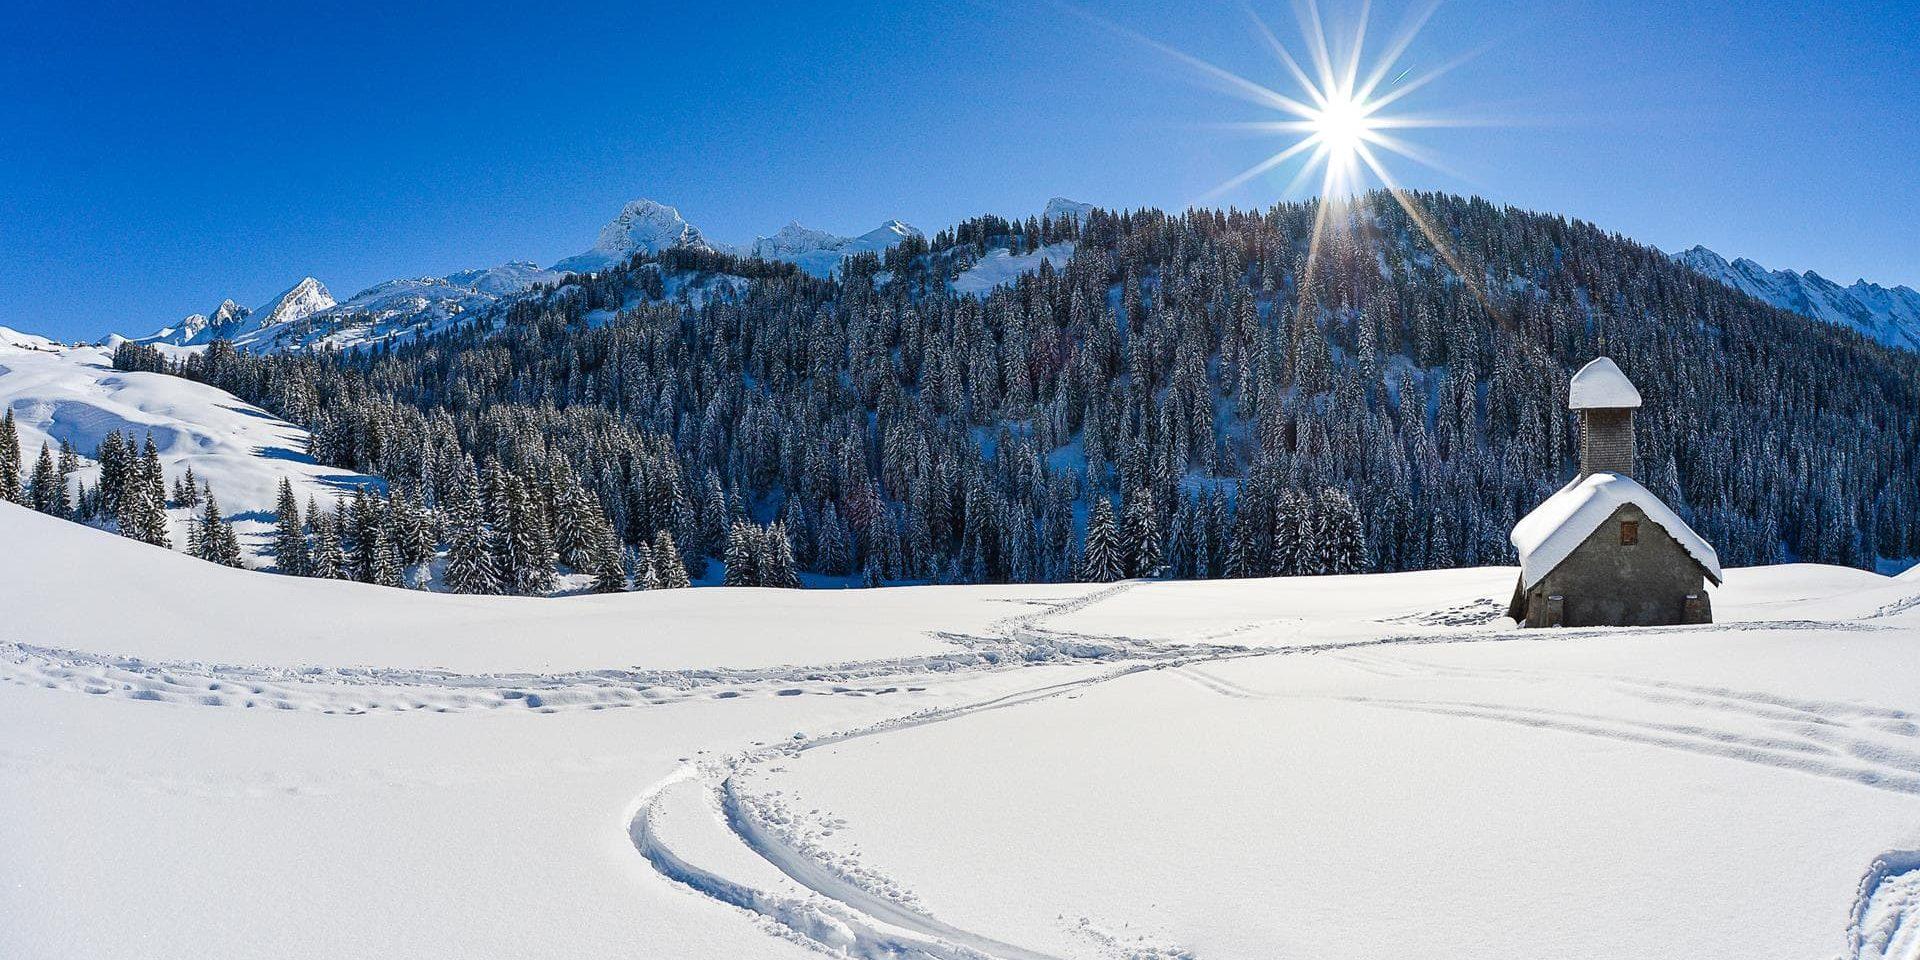 Hotel Beauregard La Clusaz Aravis Frankrijk wintersport skivakantie luxe uitzicht bomen bergen sneeuw genieten